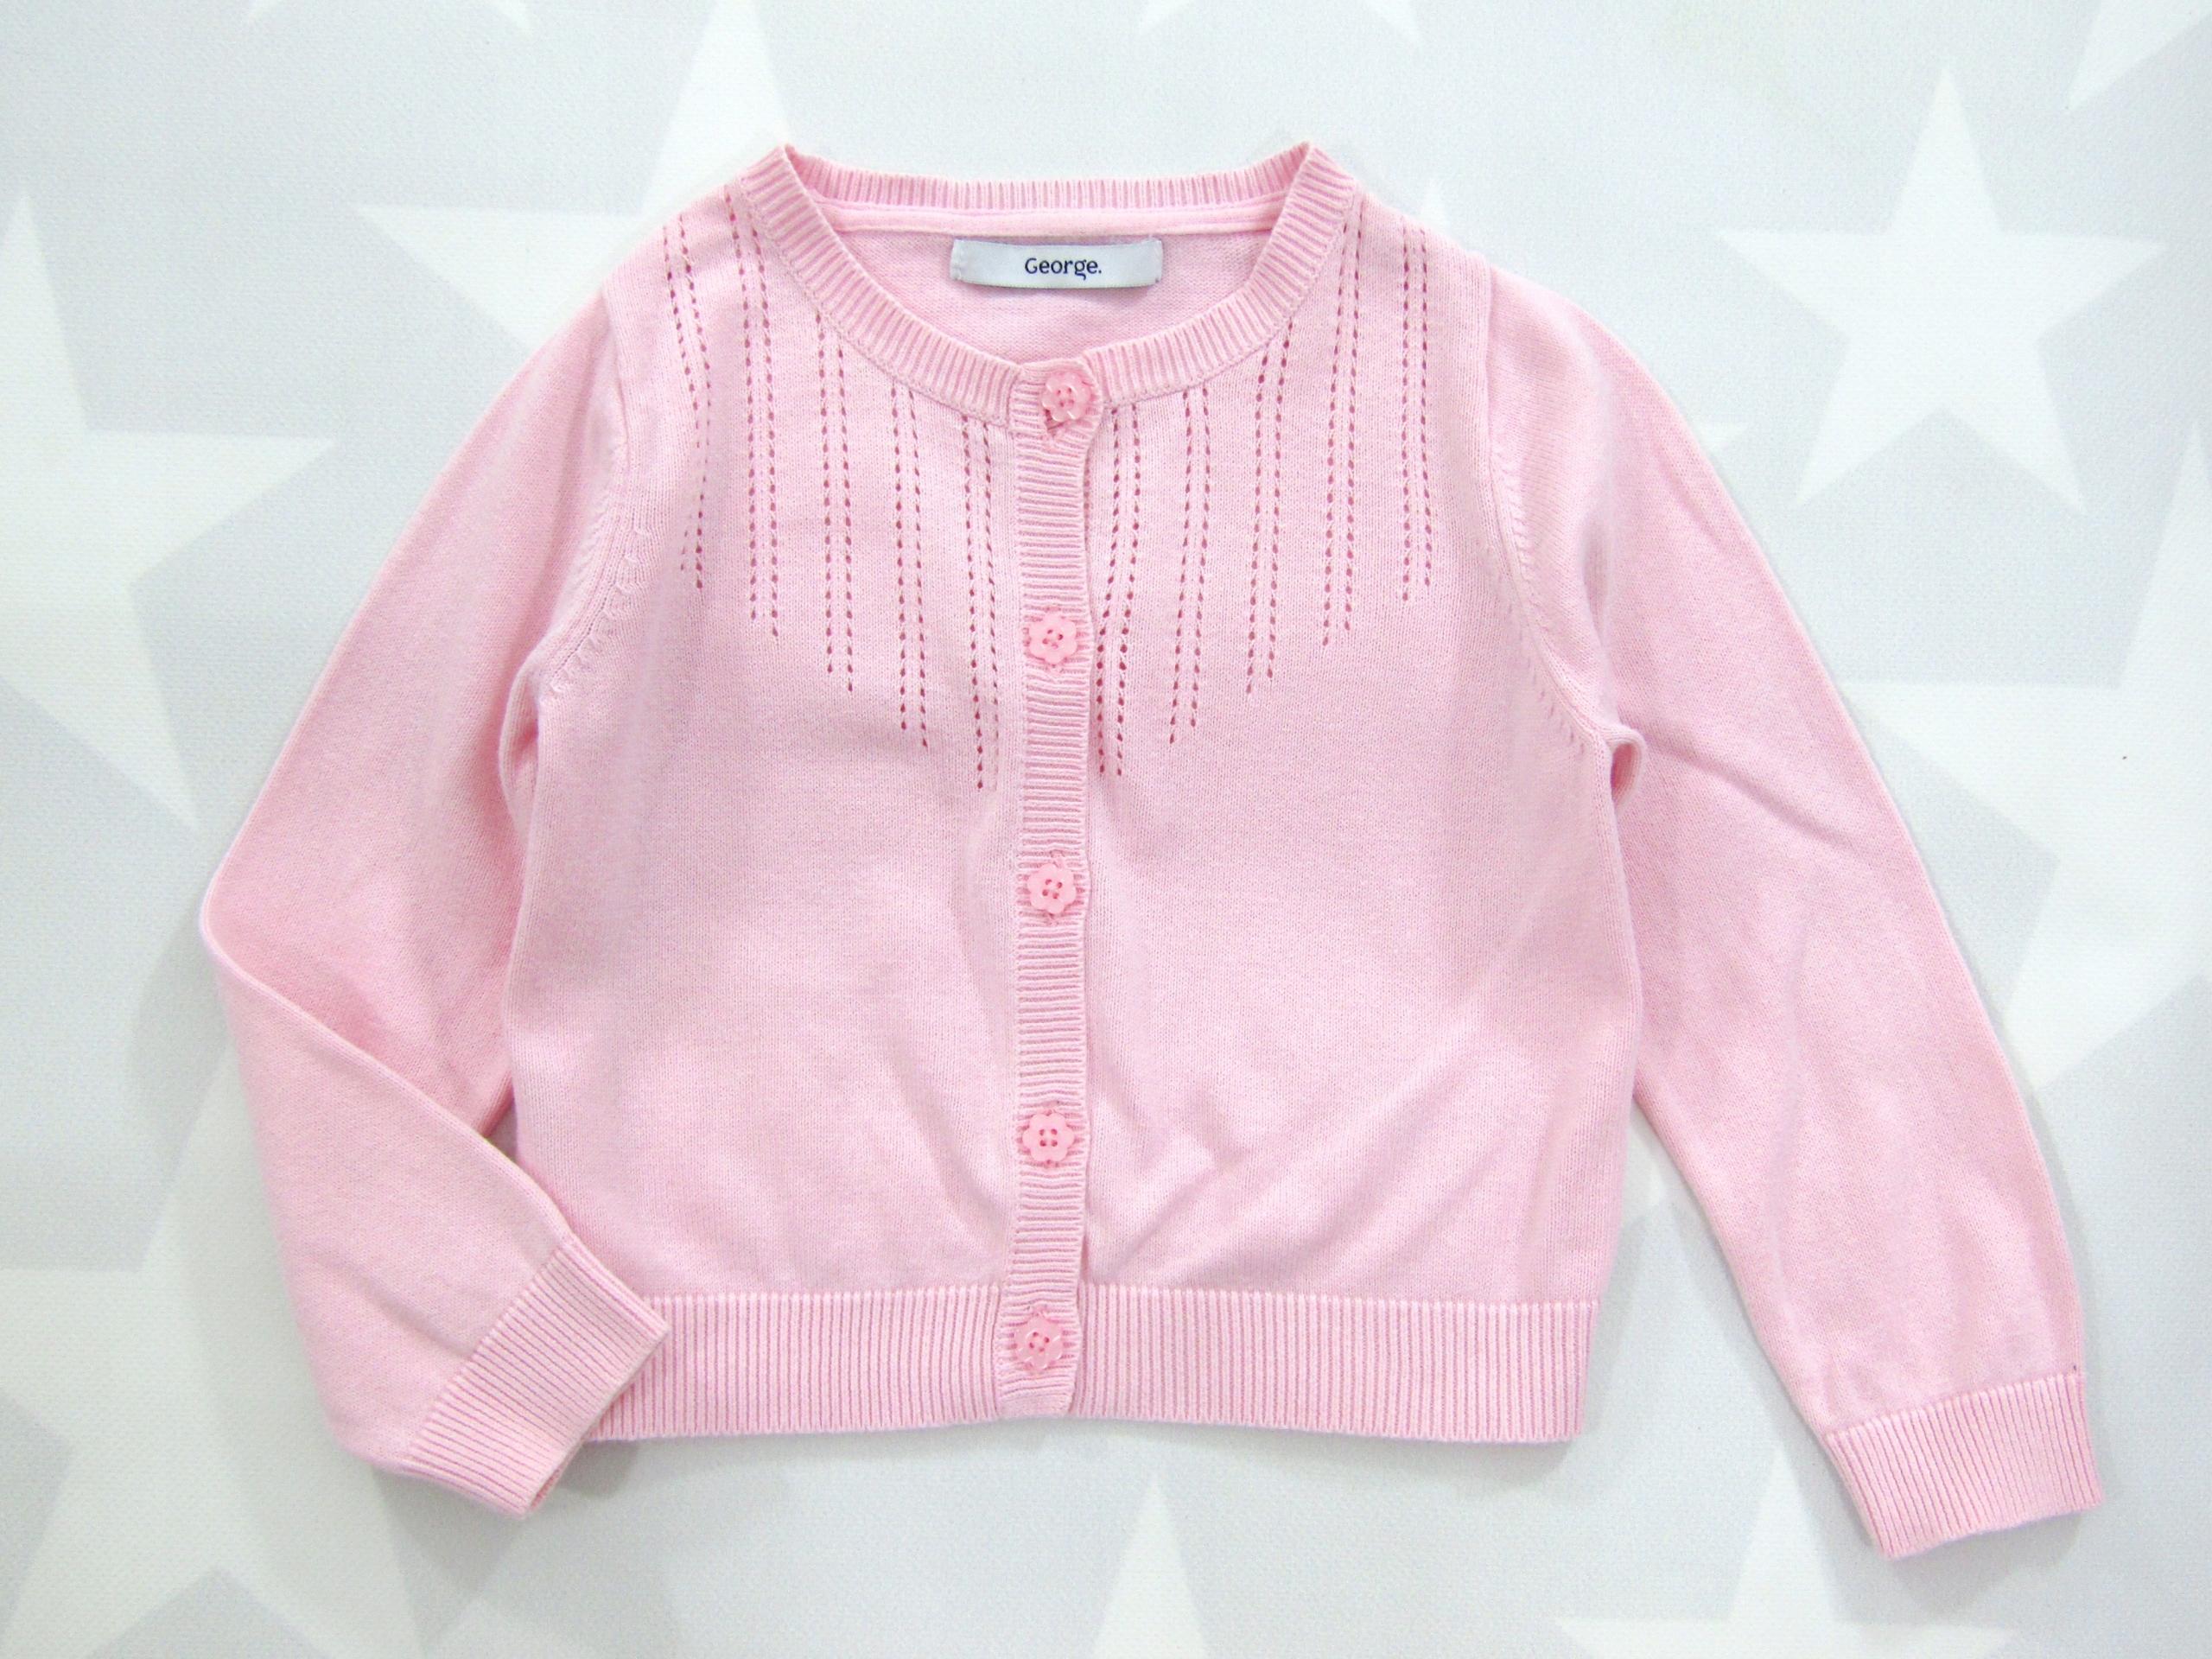 GEORGE _ Ażurowy Sweterek - Idealny rozmiar 98